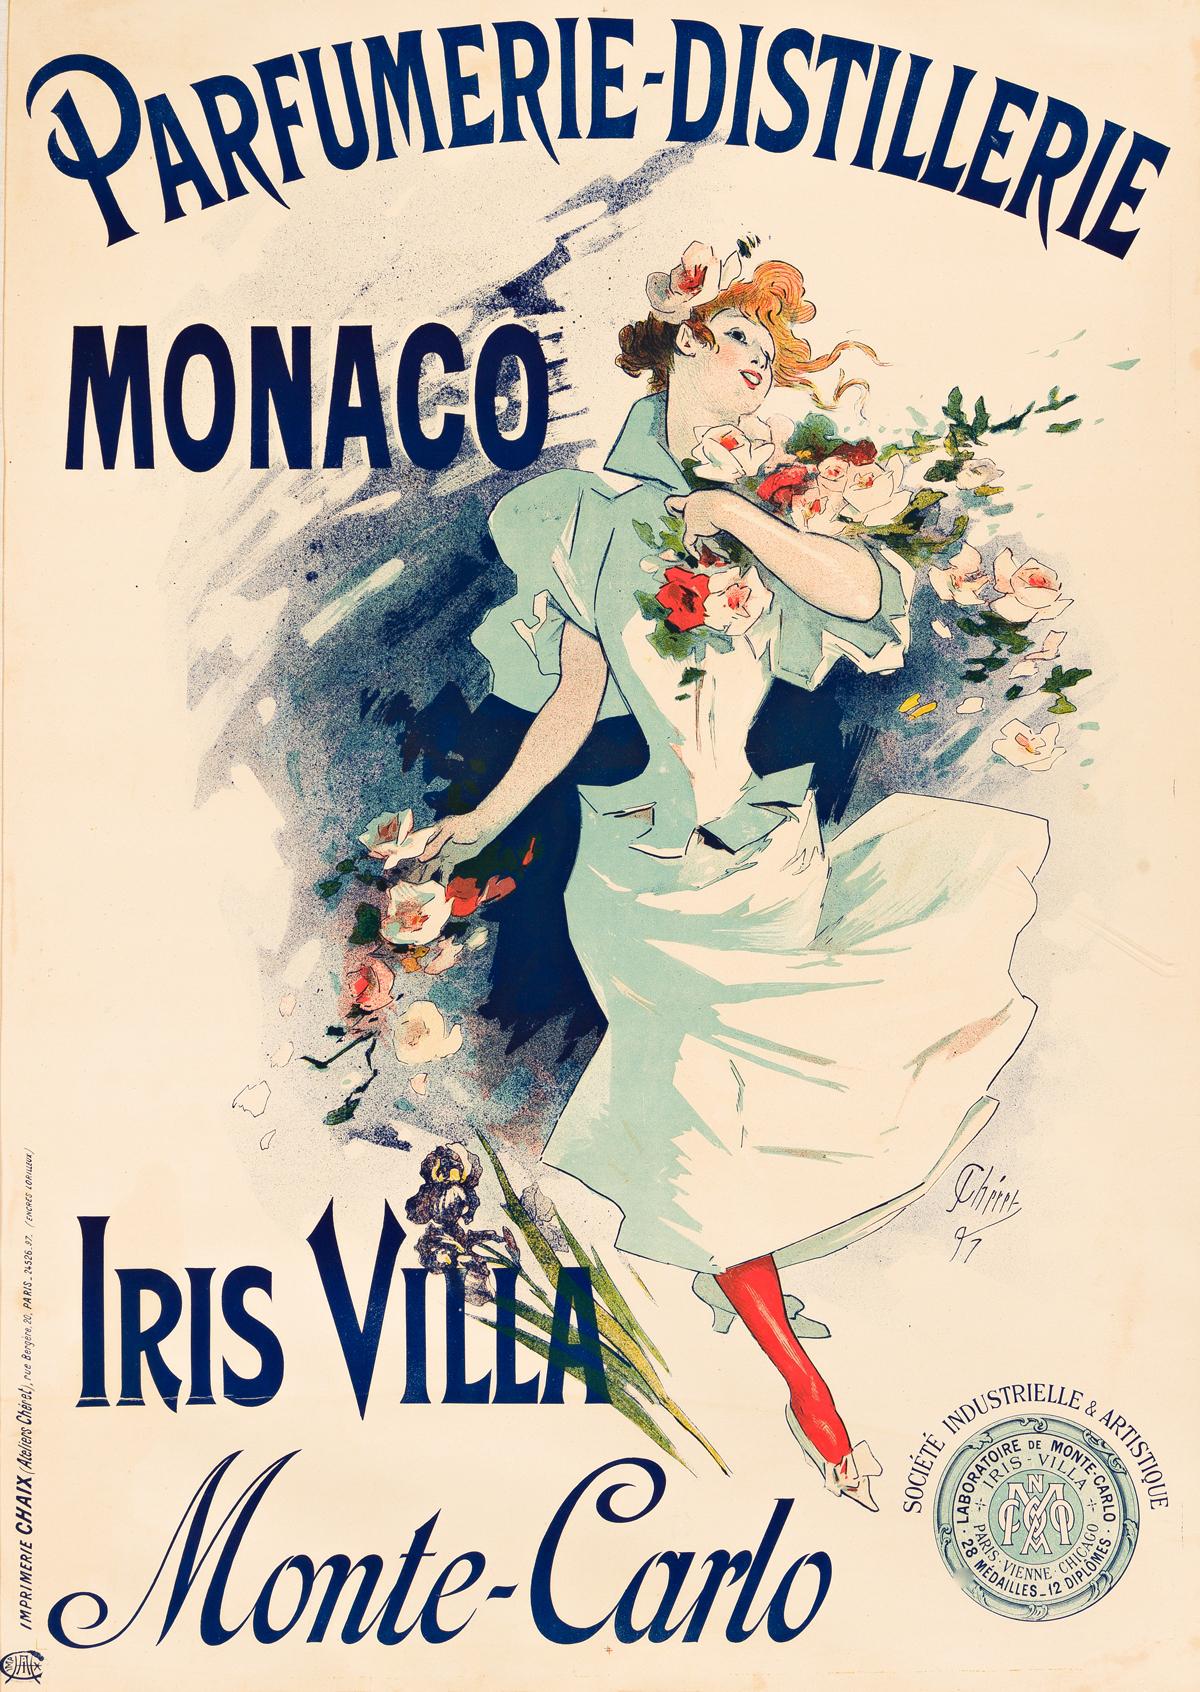 JULES CHÉRET (1836-1932).  PARFUMERIE - DISTILLERIE MONACO / MONTE - CARLO. 1897. 48x34 inches, 122x86 cm. Chaix, Paris.